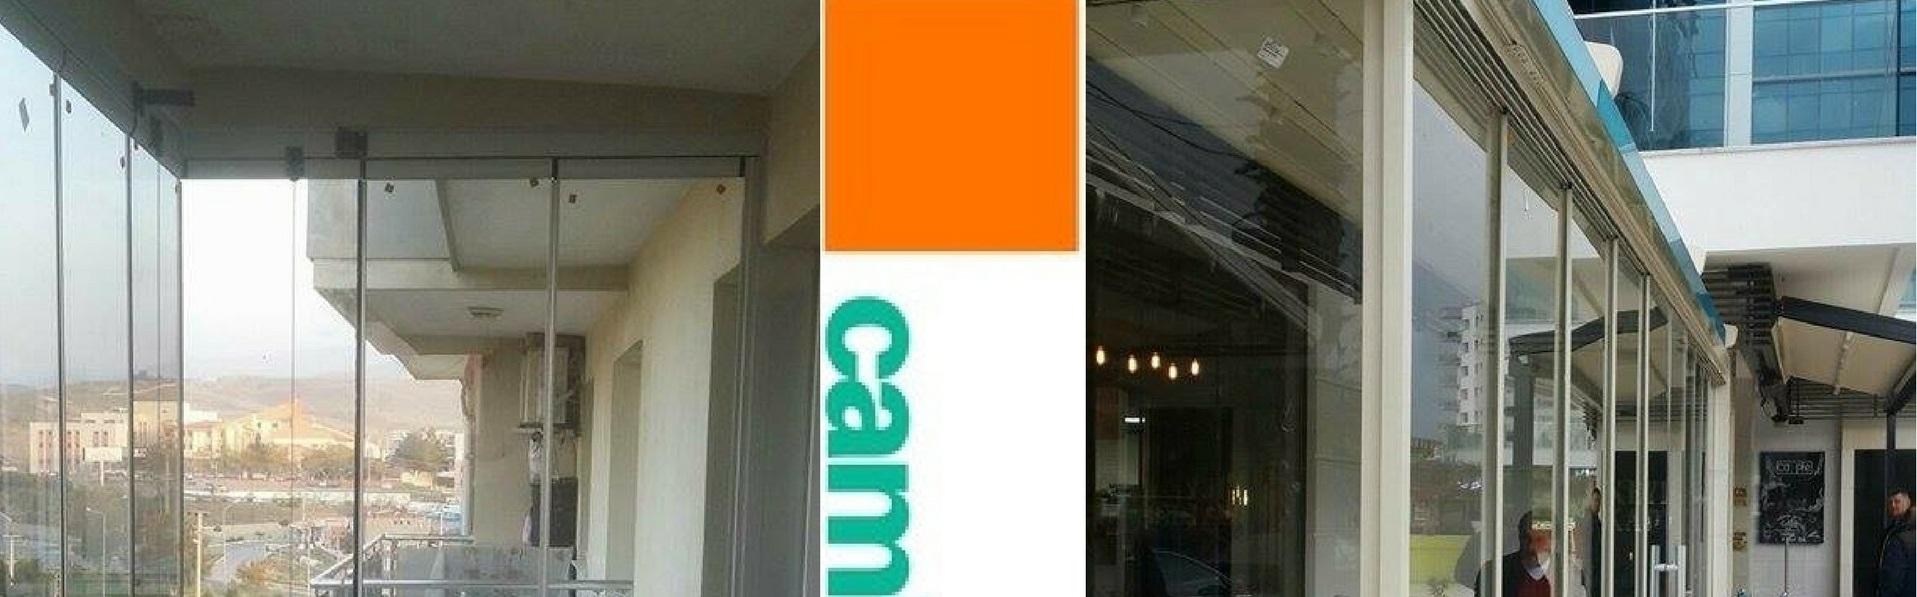 Cam balkon fiyatları İzmir